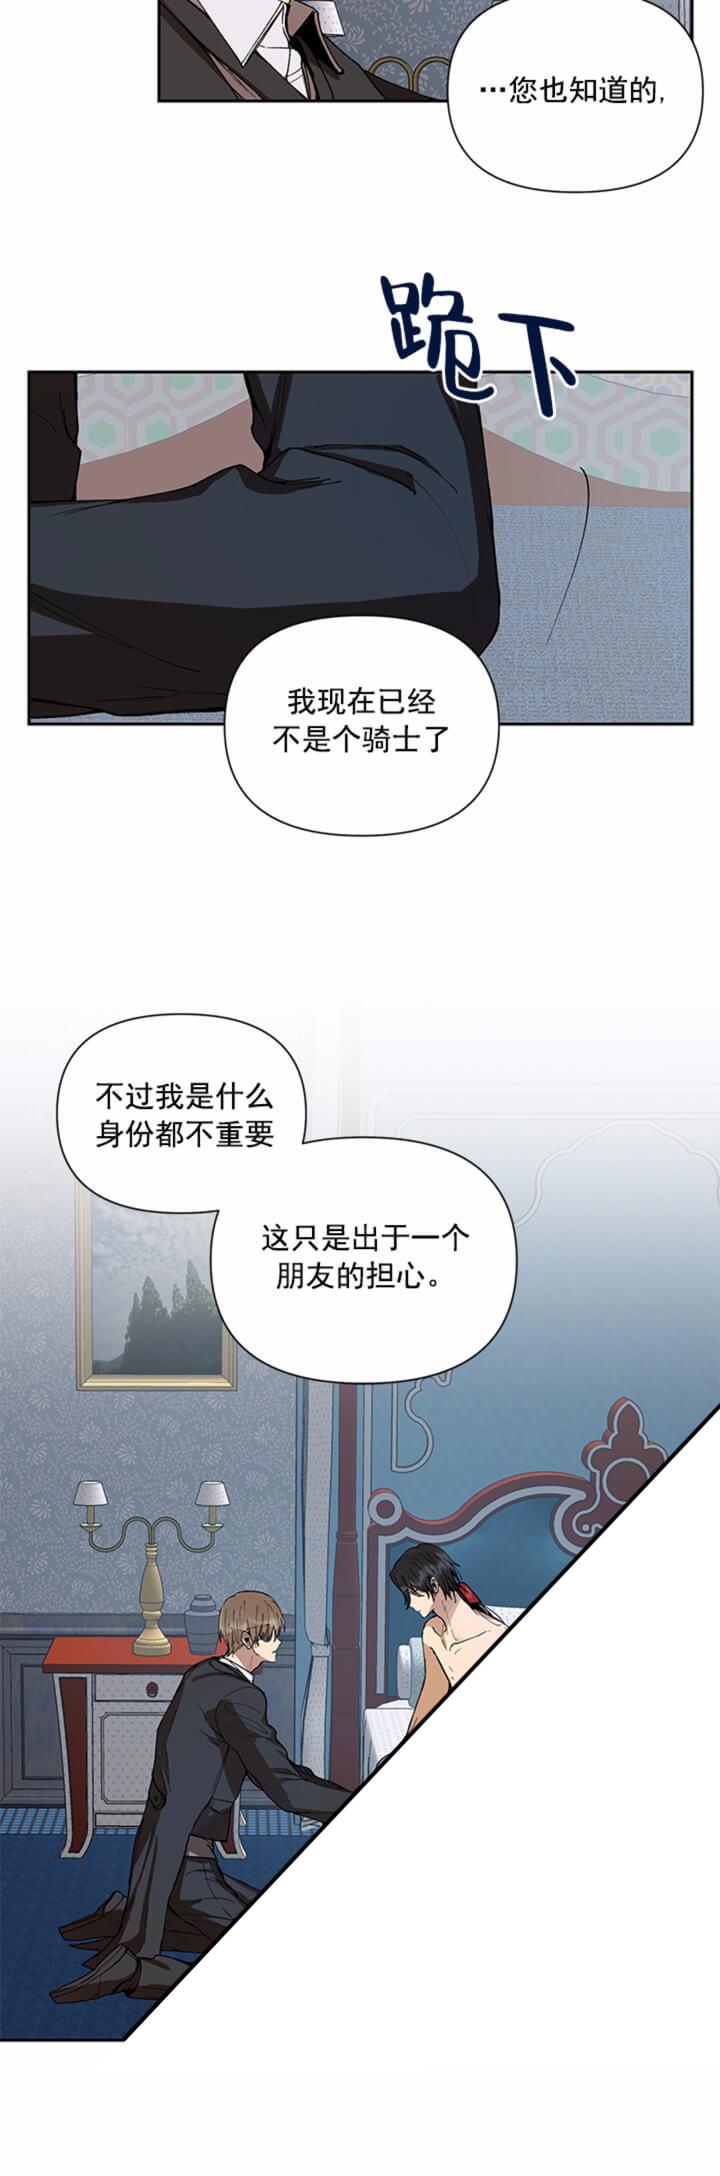 韩漫 |《谁在撒谎》表面忠诚骑士x危险人质王子,究竟谁在撒谎?  第3张